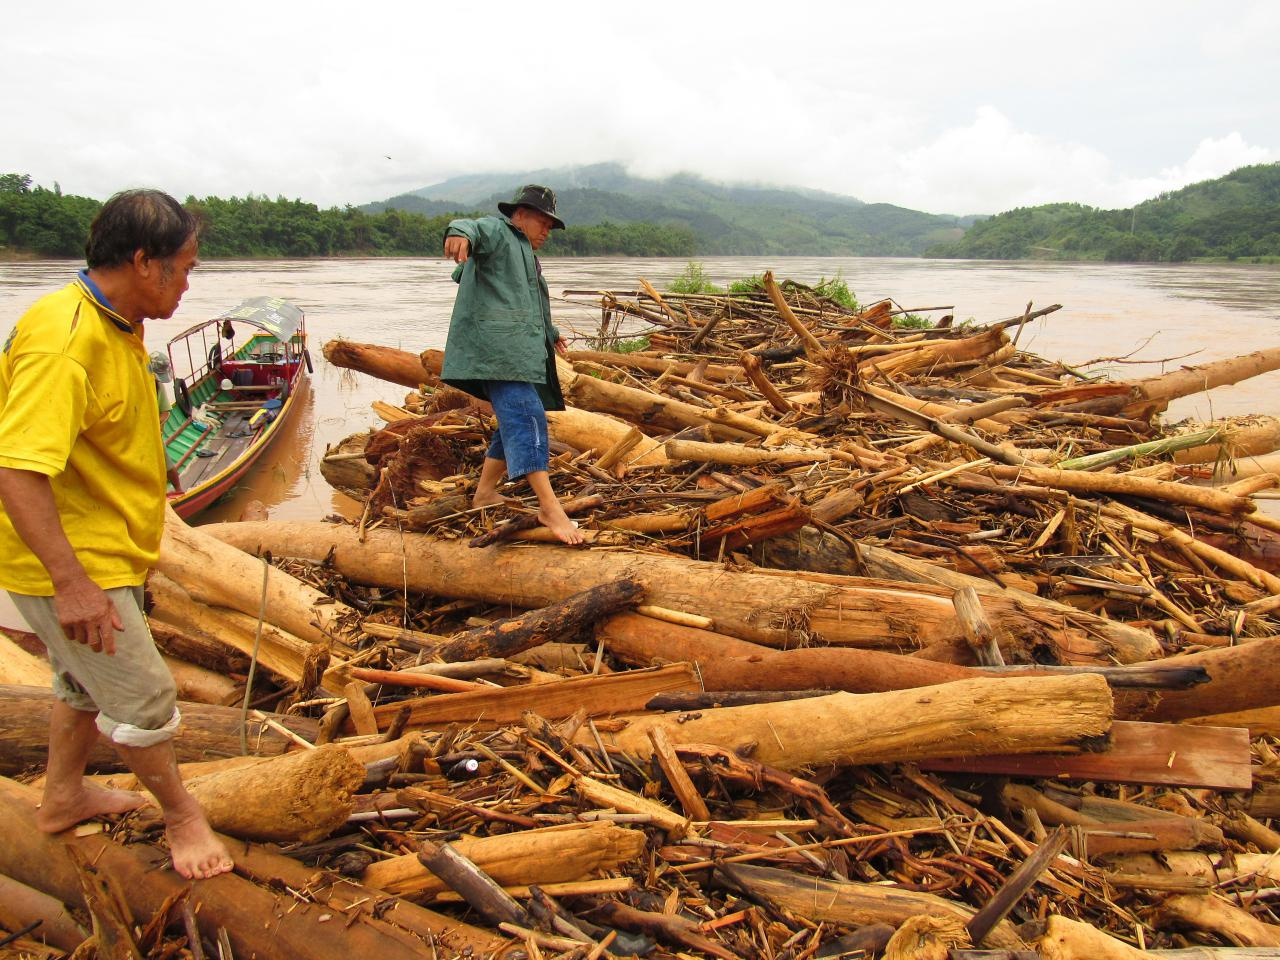 ท่อนซุงที่ไหลมาตามลำน้ำโขง หลังฝนตกต่อเนื่อง ชาวบ้านนำไปขายสร้างรายได้เสริม